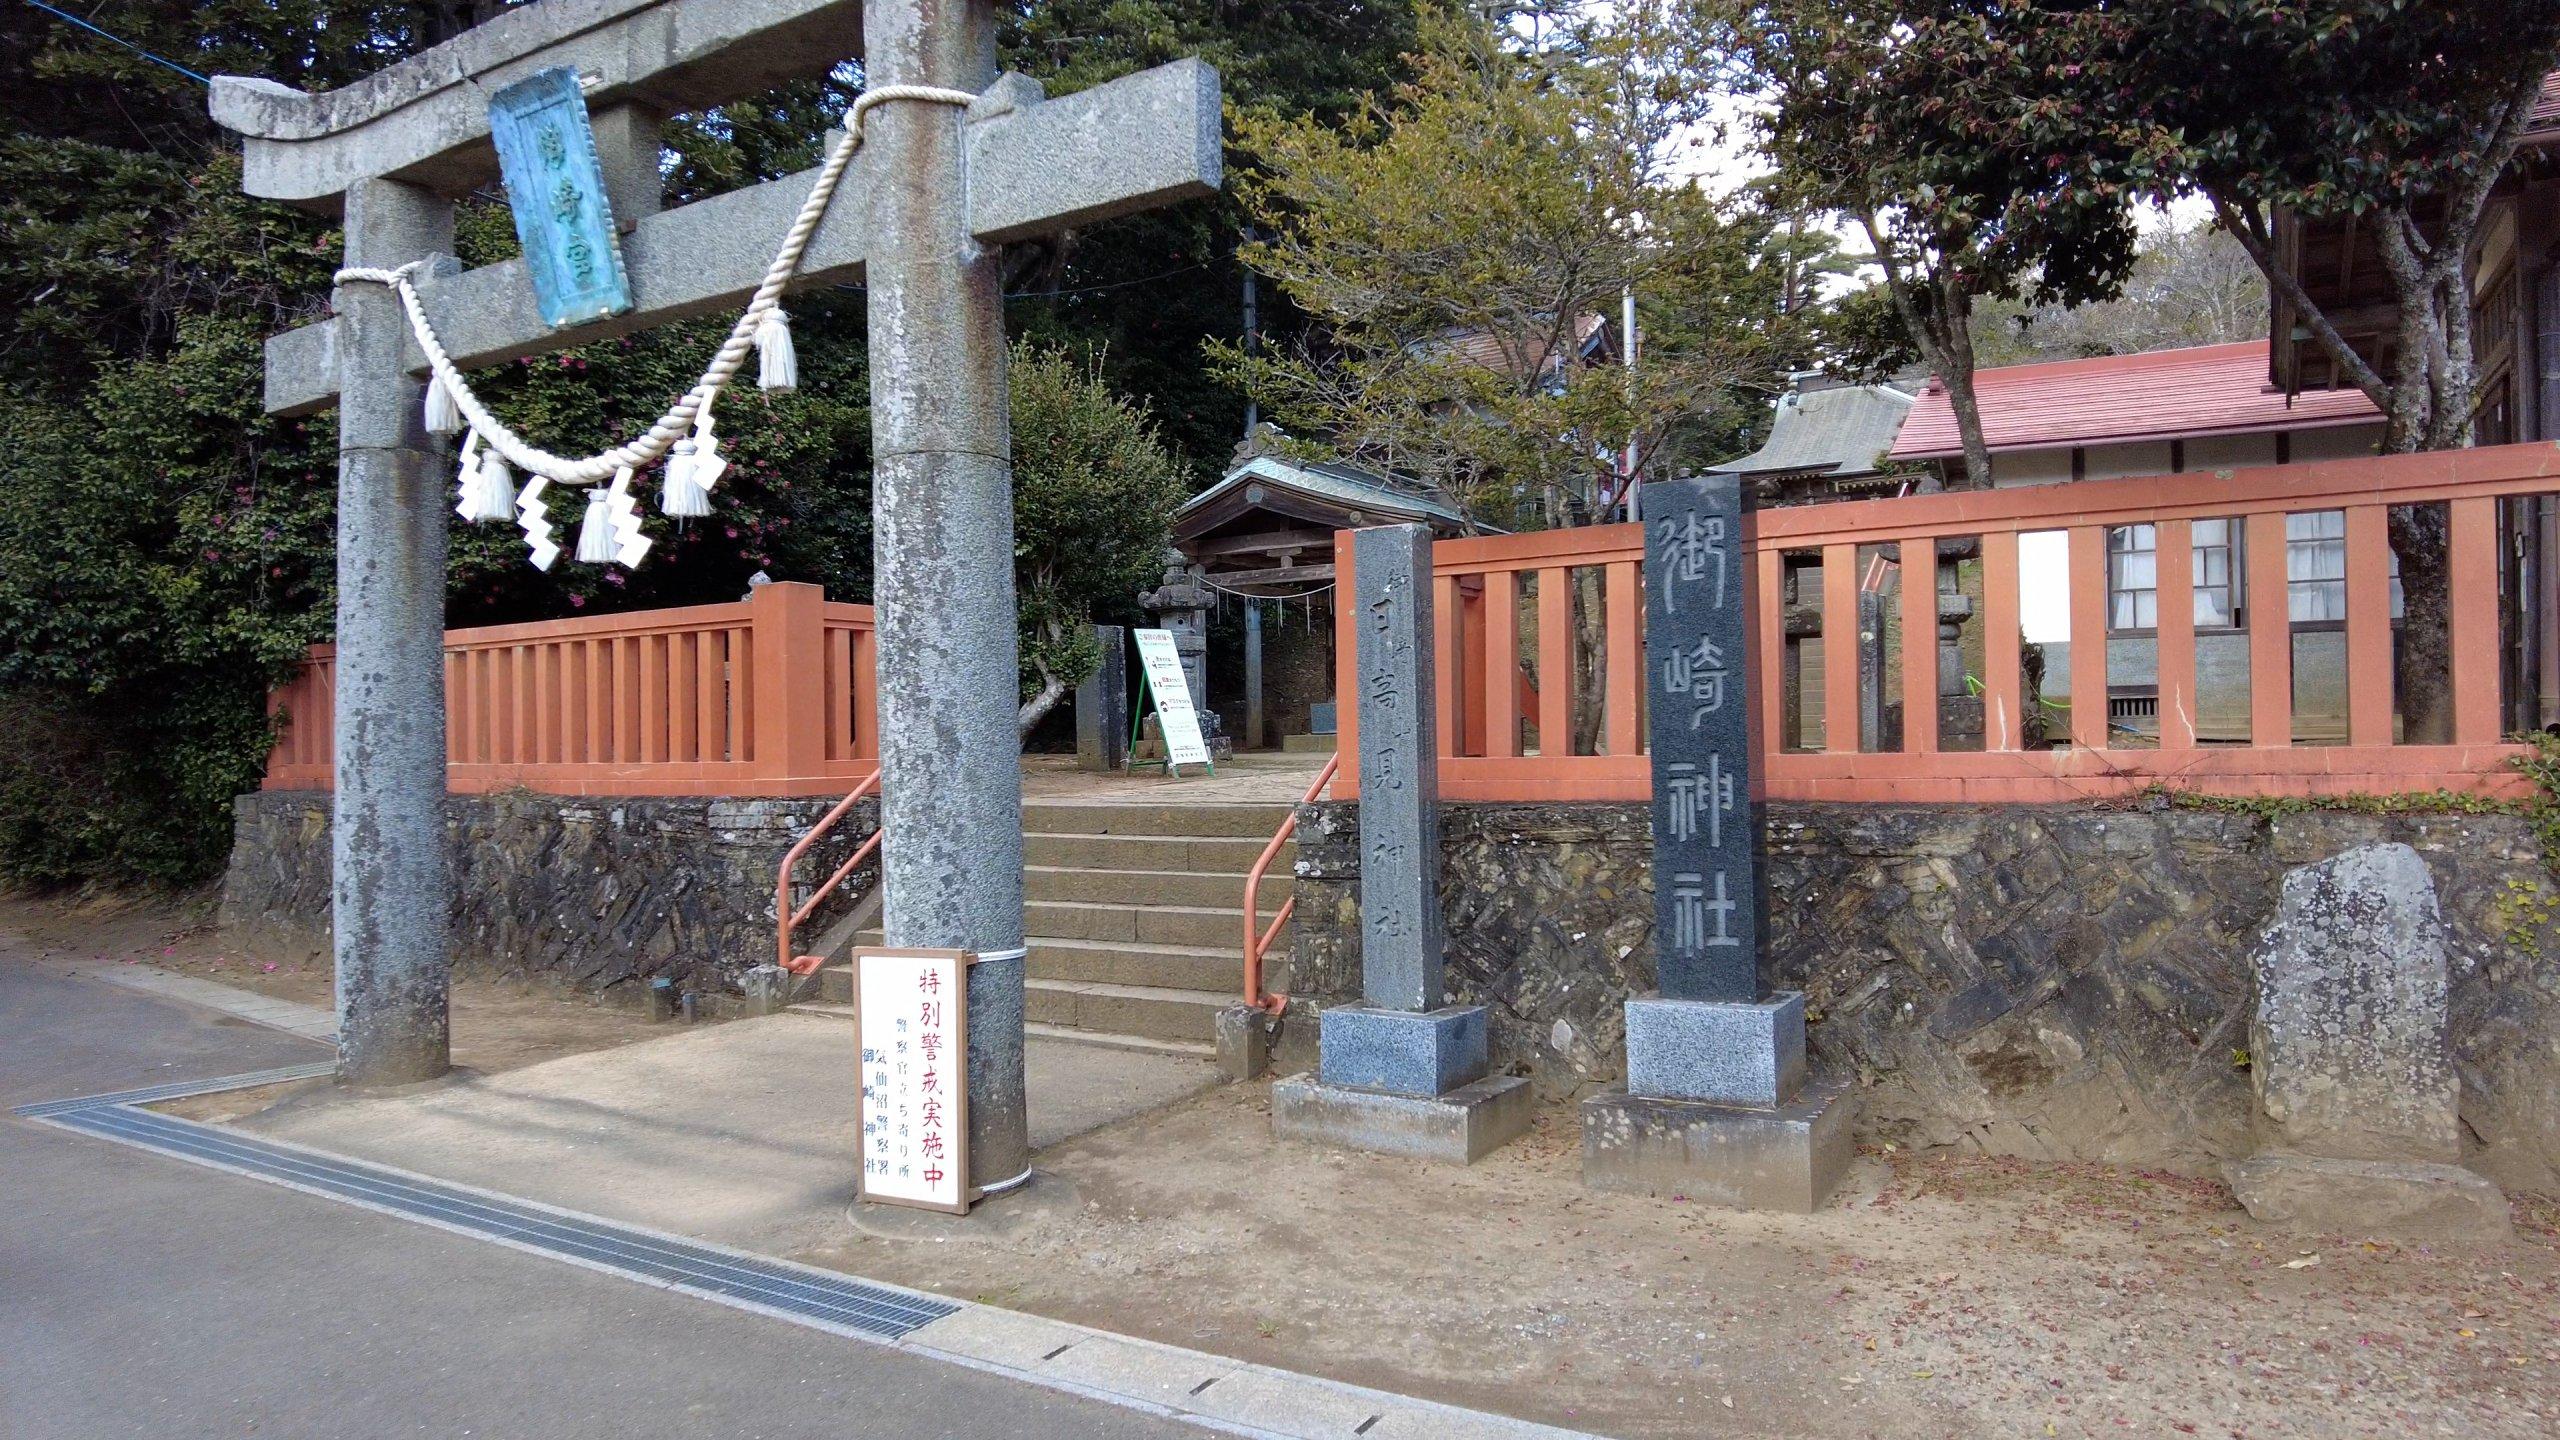 御崎神社 おさきじんじゃ は 宮城県気仙沼市唐桑町崎浜 みやぎけんけせんぬましからくわちょうさきはま にある神社だ